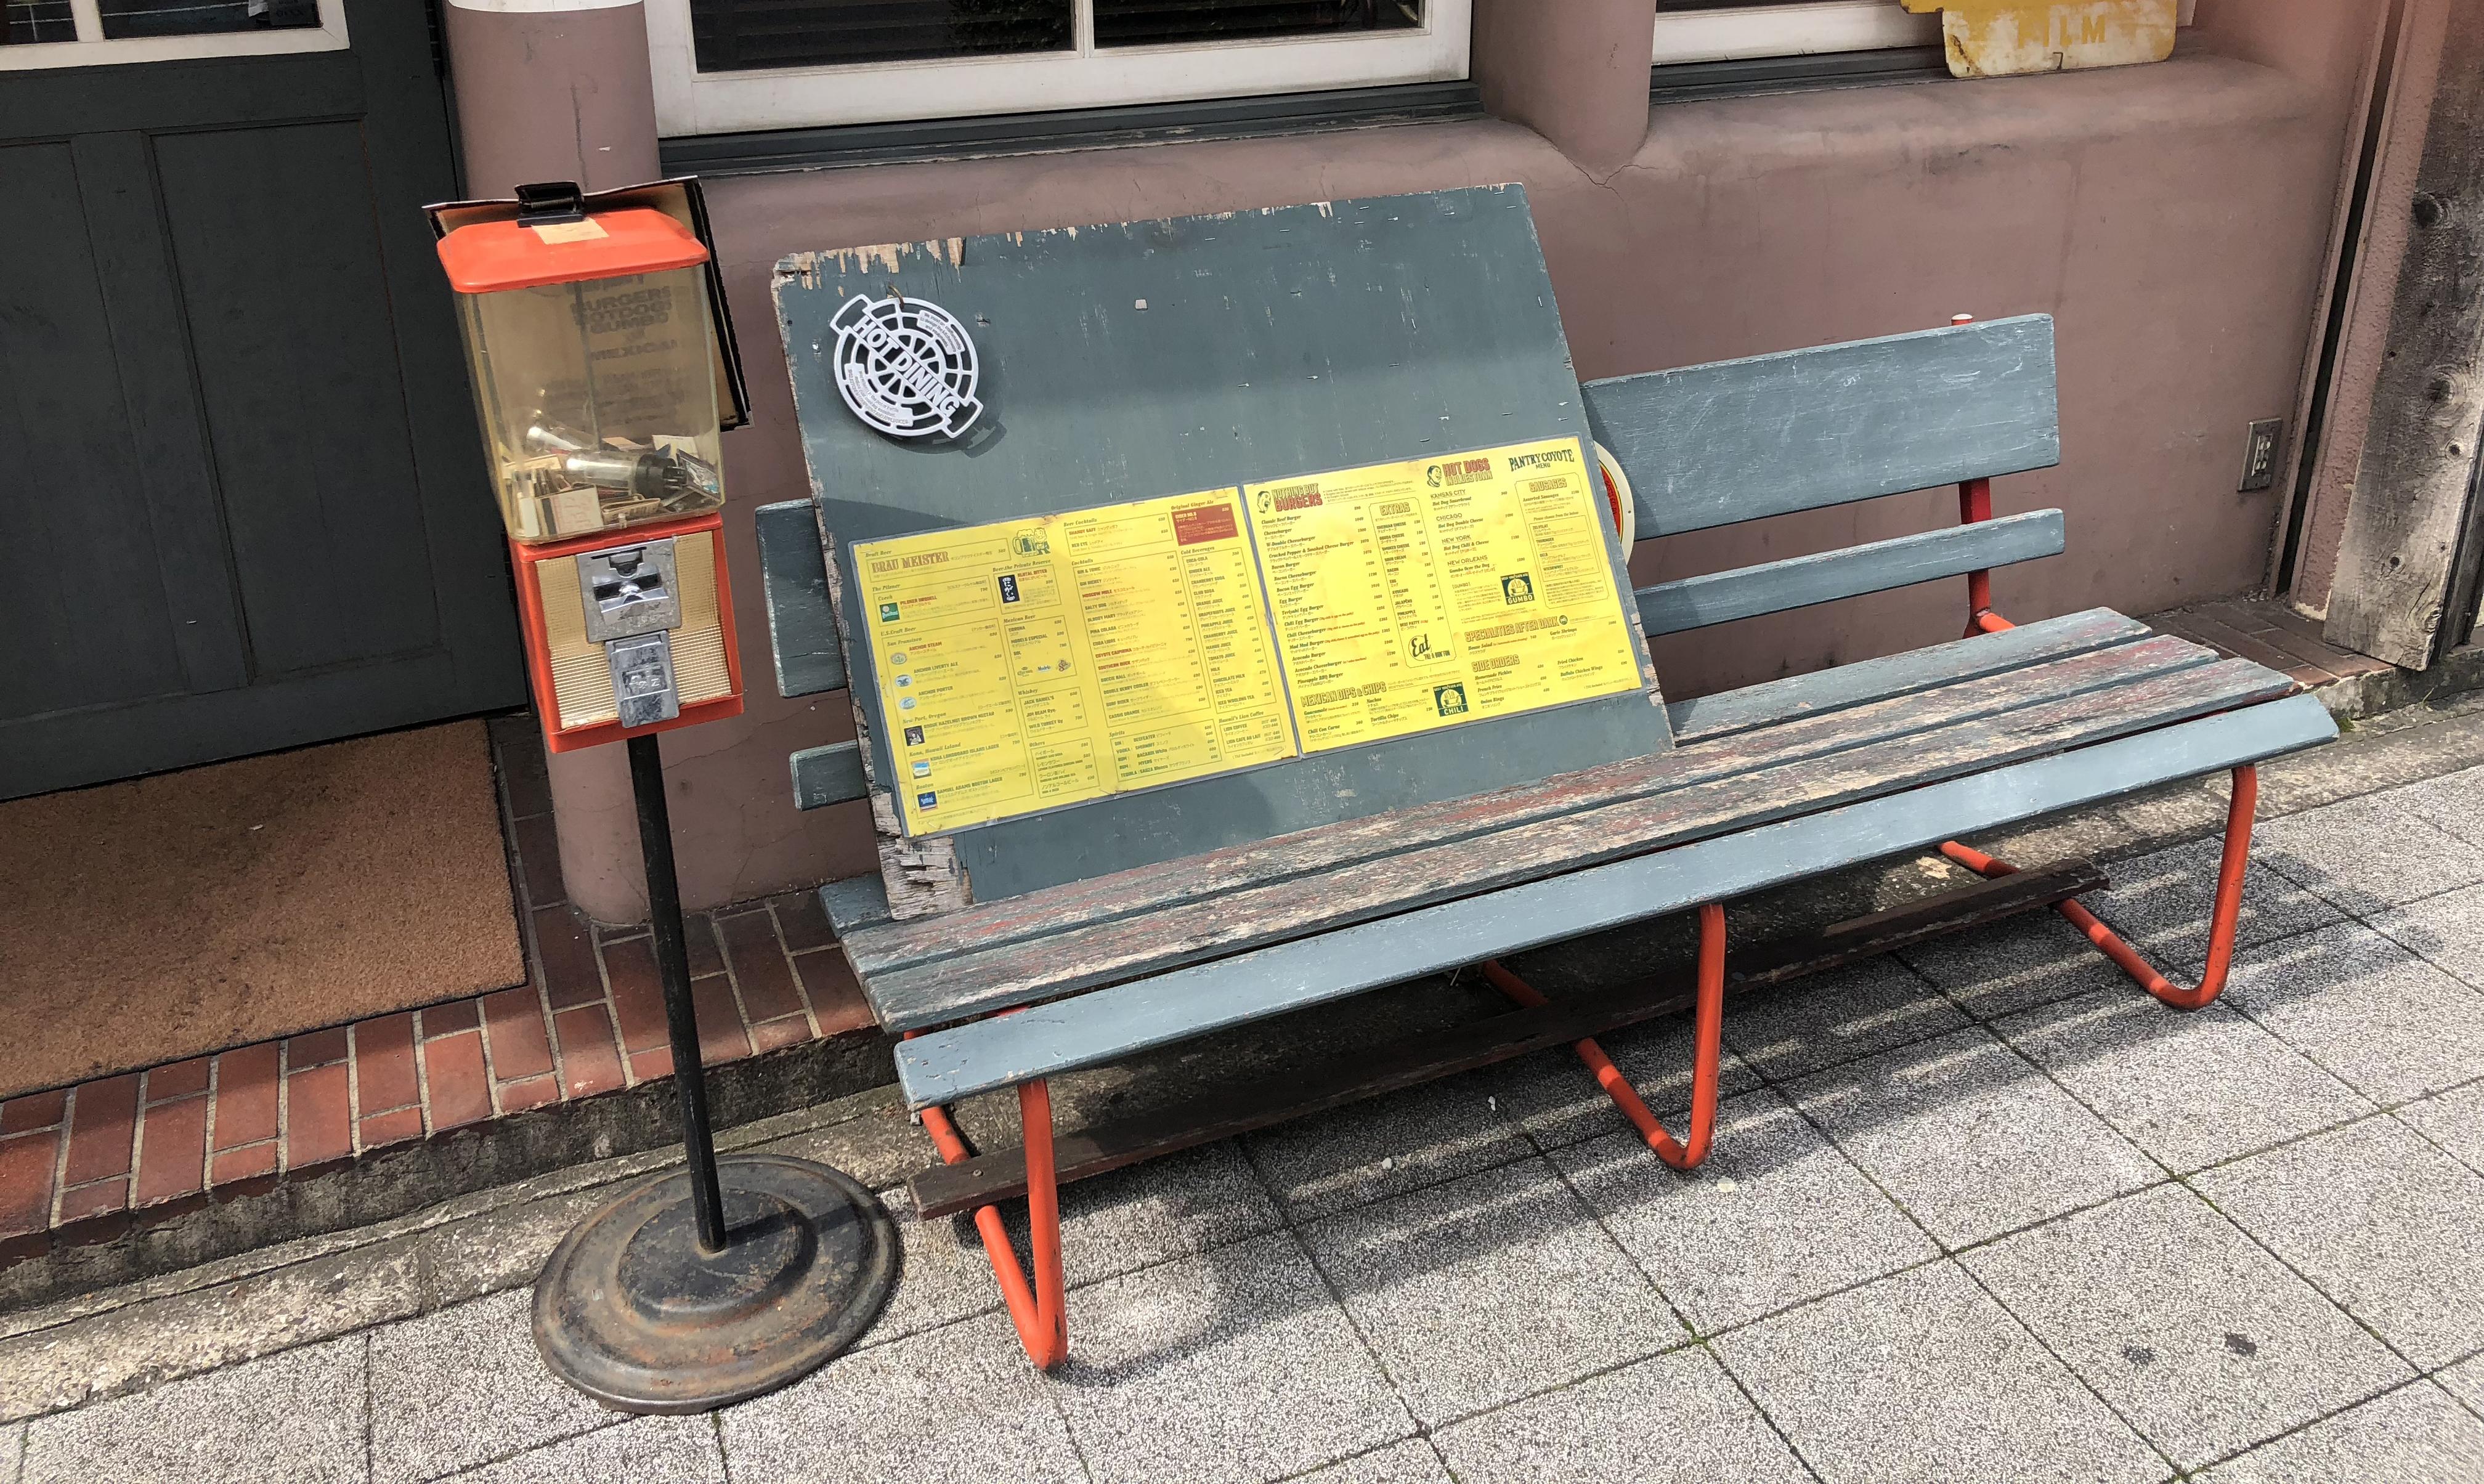 ビンテージ風のベンチとメニュー